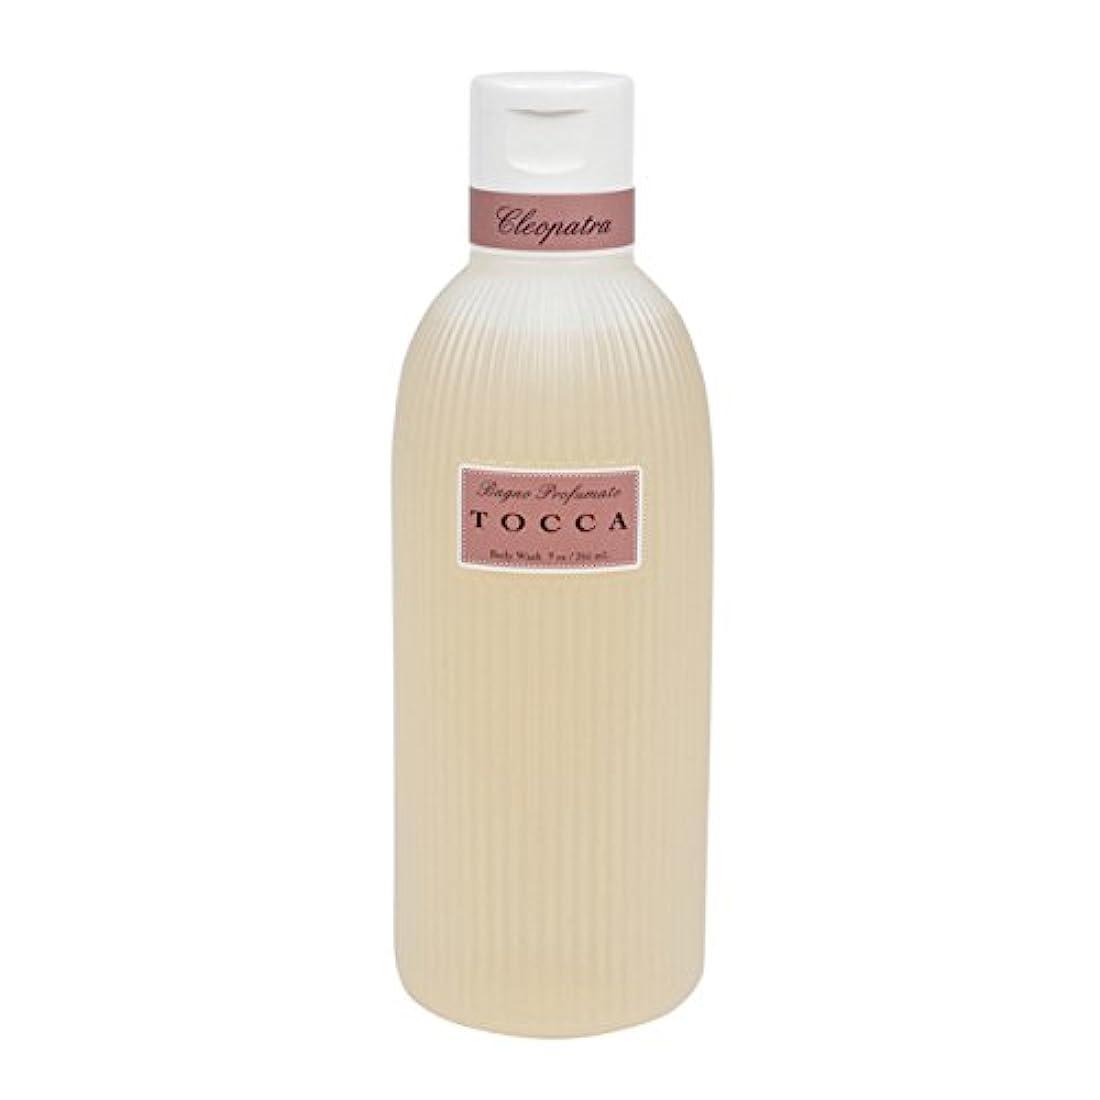 段階愛情深い微妙トッカ(TOCCA) ボディーケアウォッシュ クレオパトラの香り 266ml(全身用洗浄料 ボディーソープ グレープフルーツとキューカンバーのフレッシュでクリーンな香り)